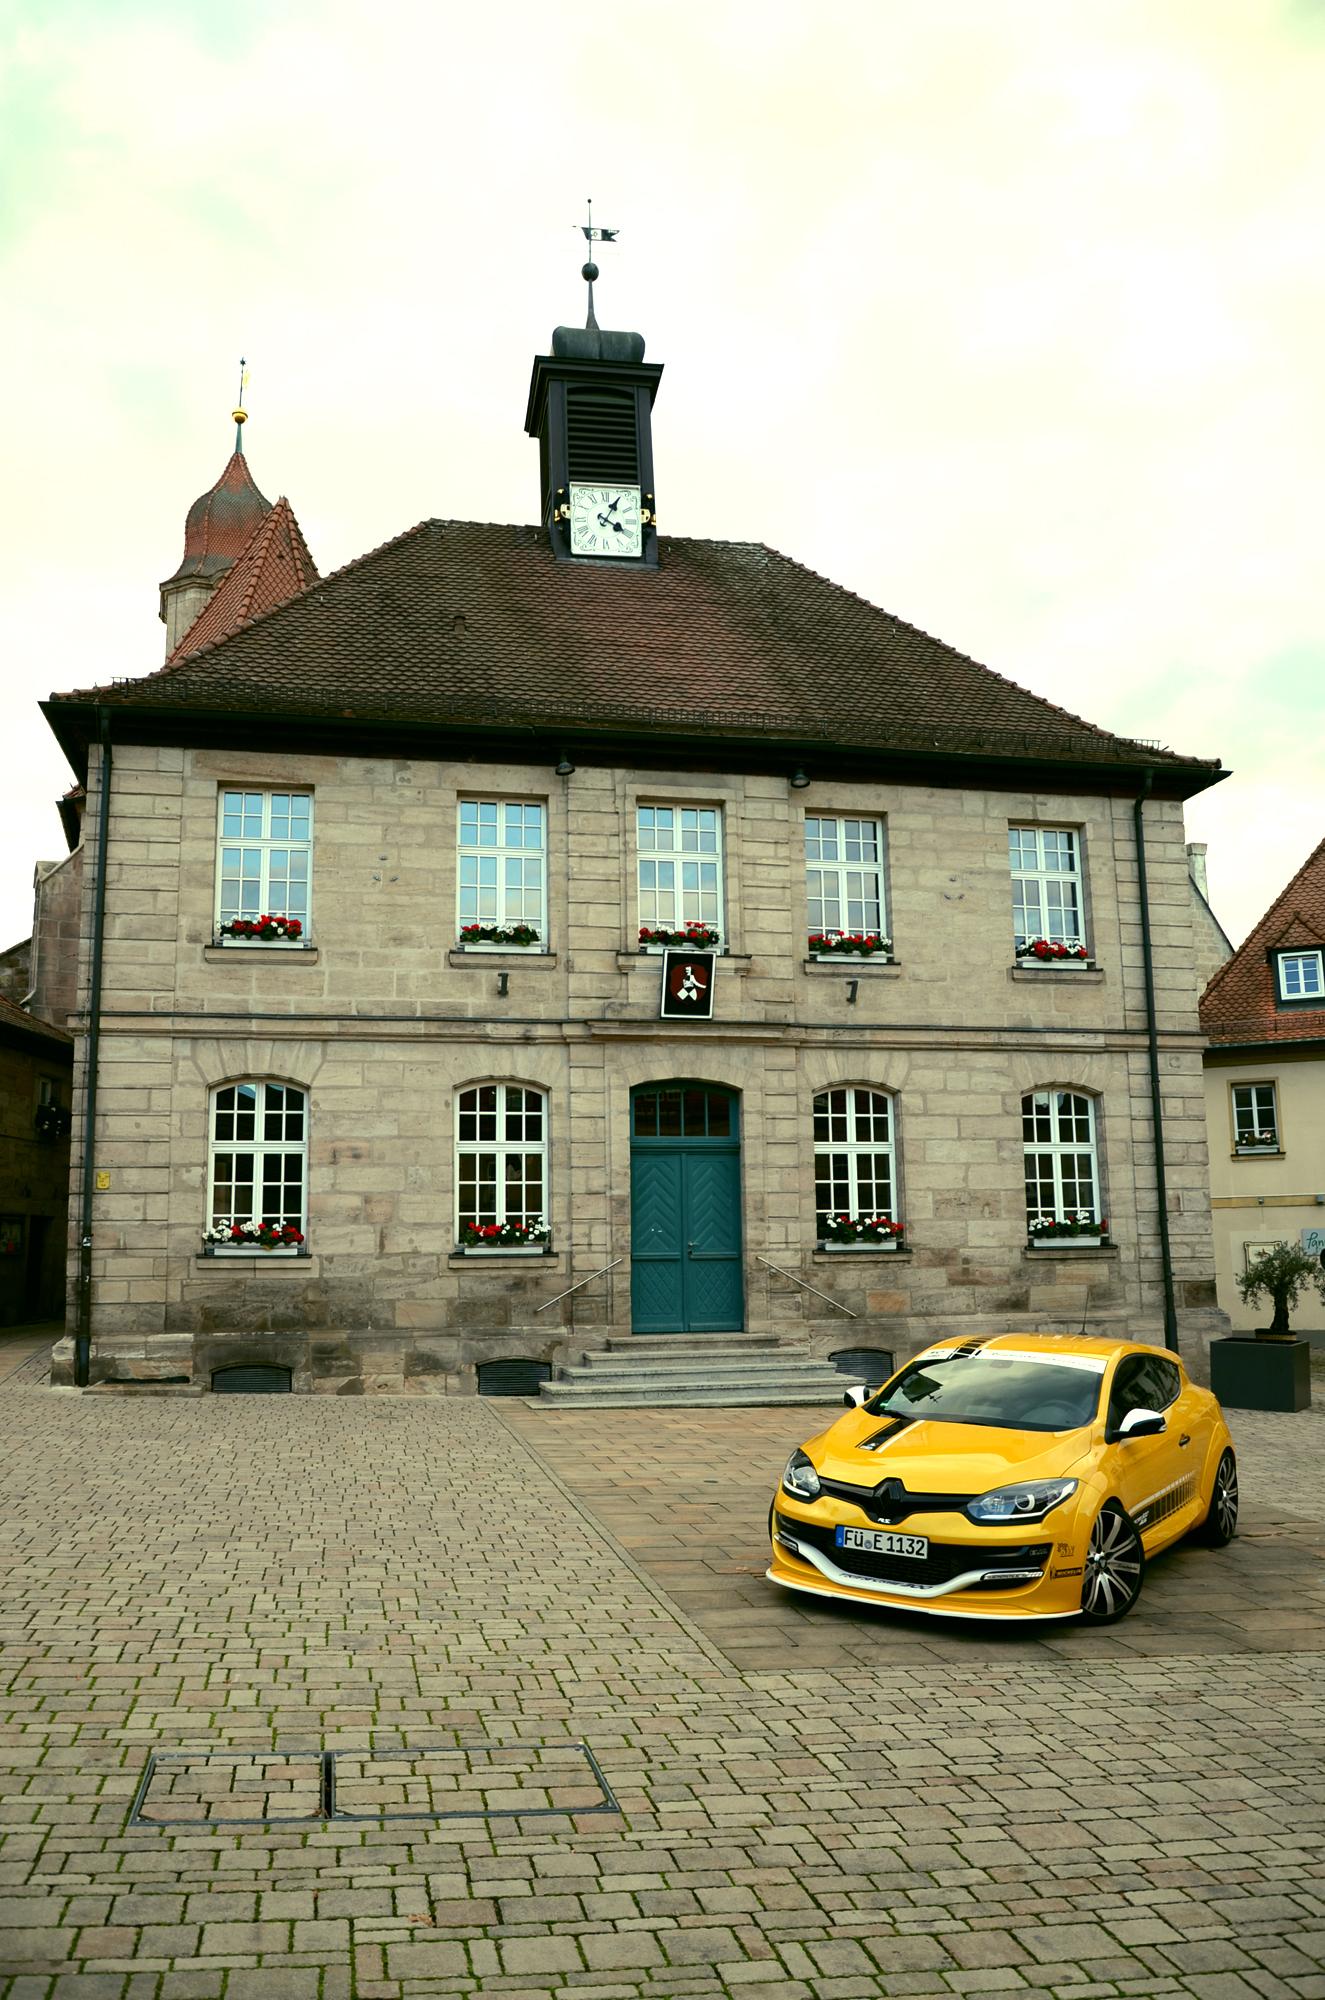 Der Renault Mégane R.S. Tour de Corse 300 vorm Rathaus in Langenzenn